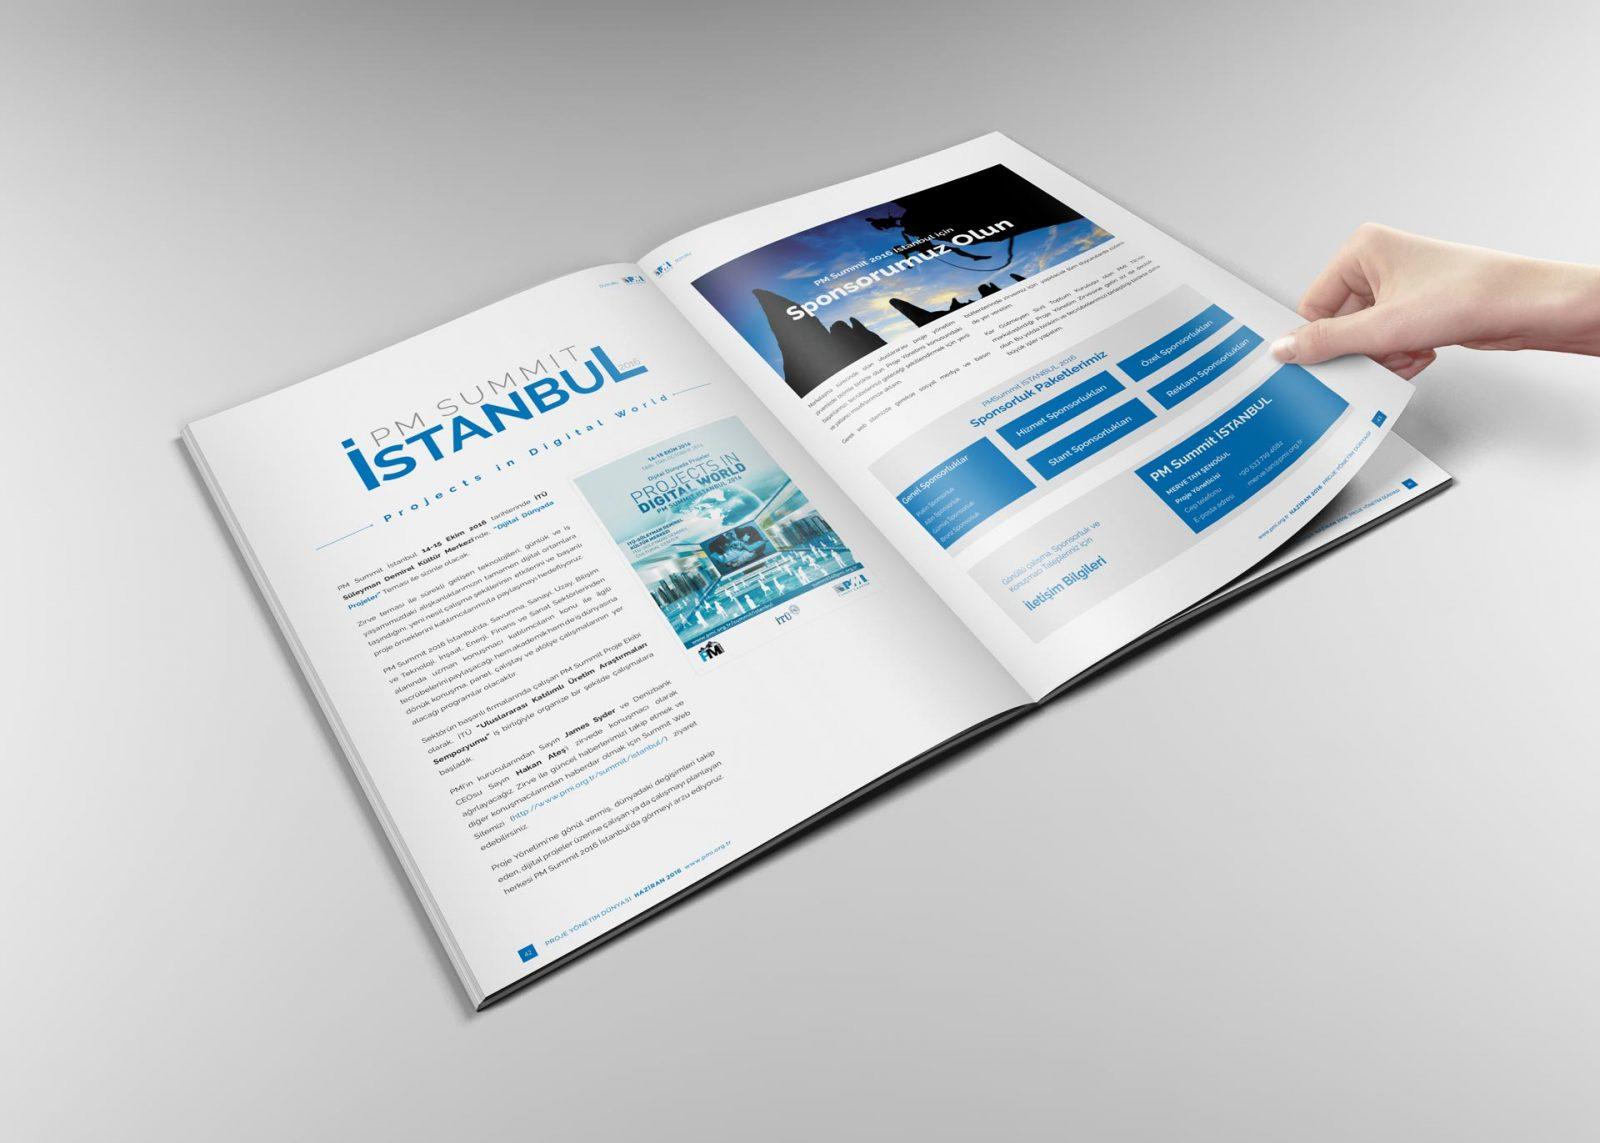 pmi tr dergi tasarımı 11